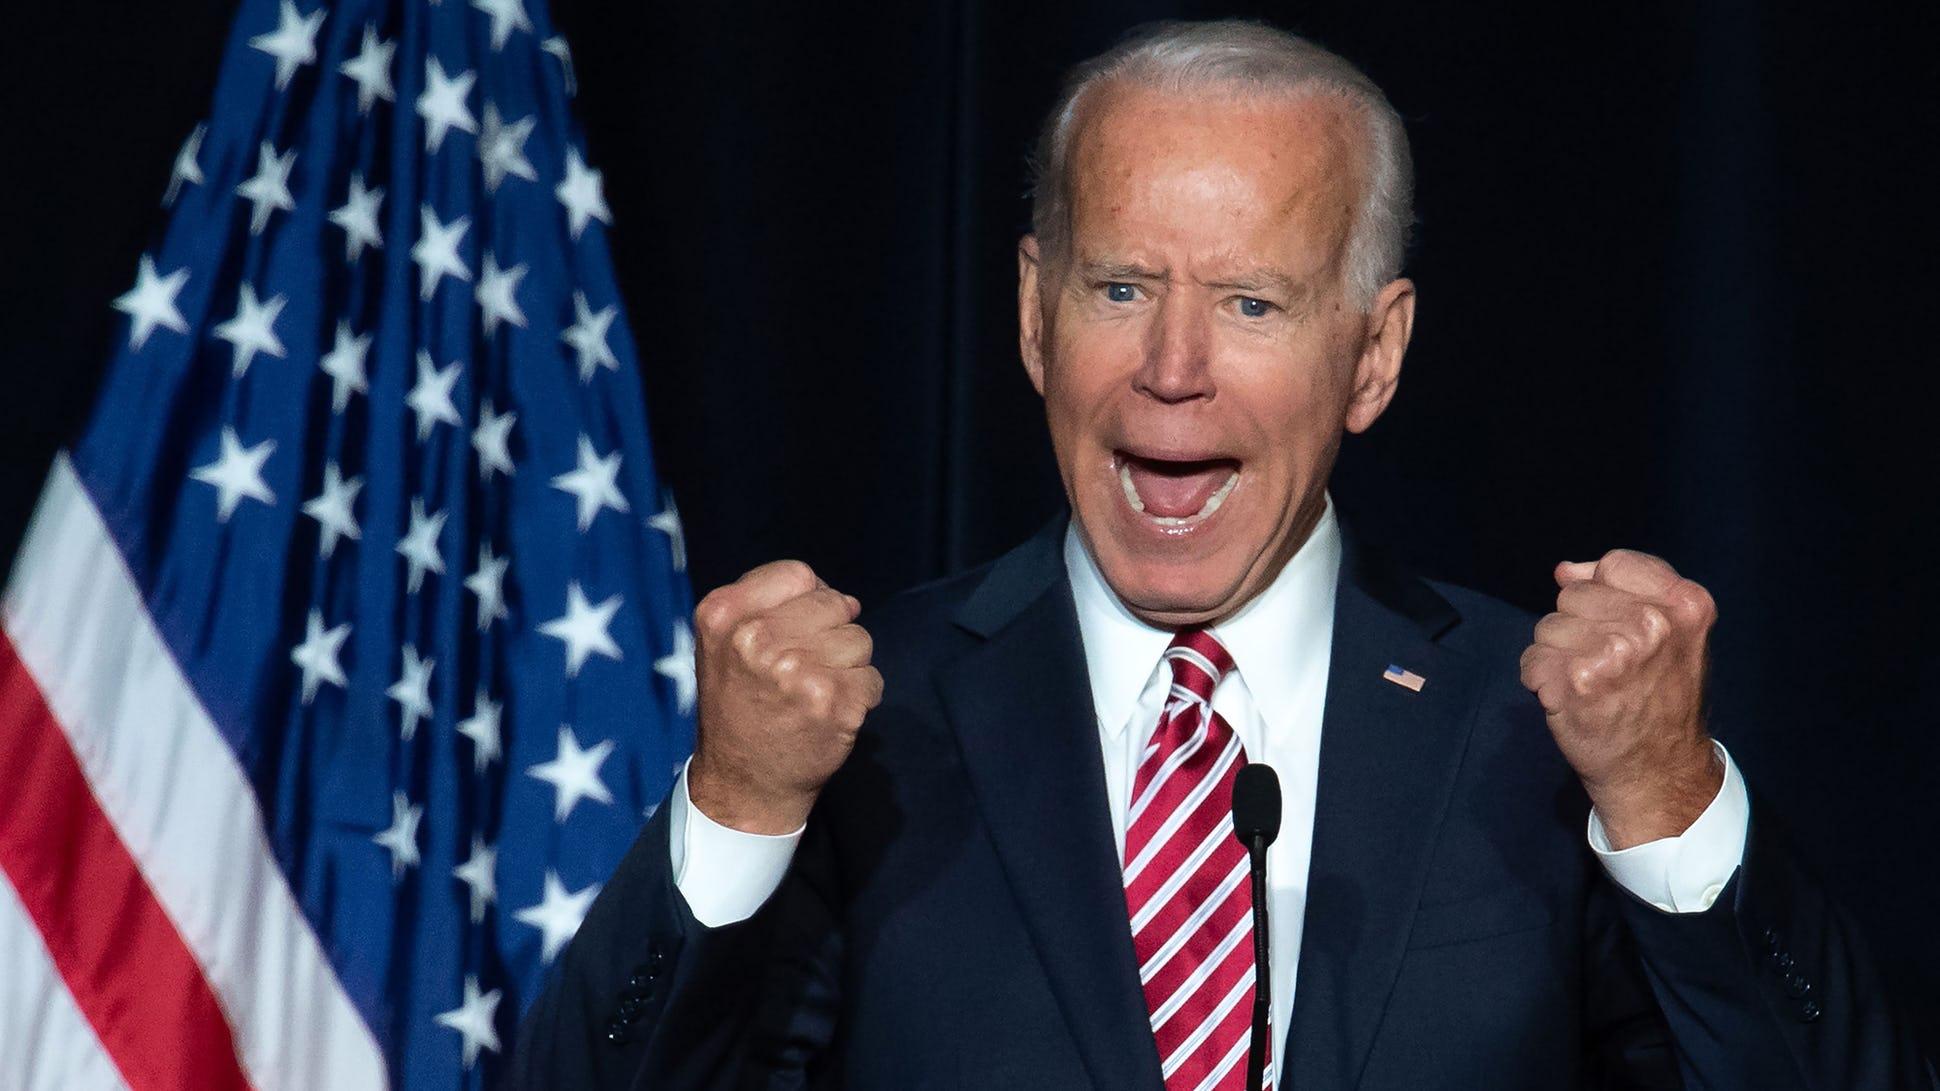 """""""Chịu hết nổi"""" vì ông Trump không nhận thua, ông Biden nói """"lời cay đắng"""" - 1"""